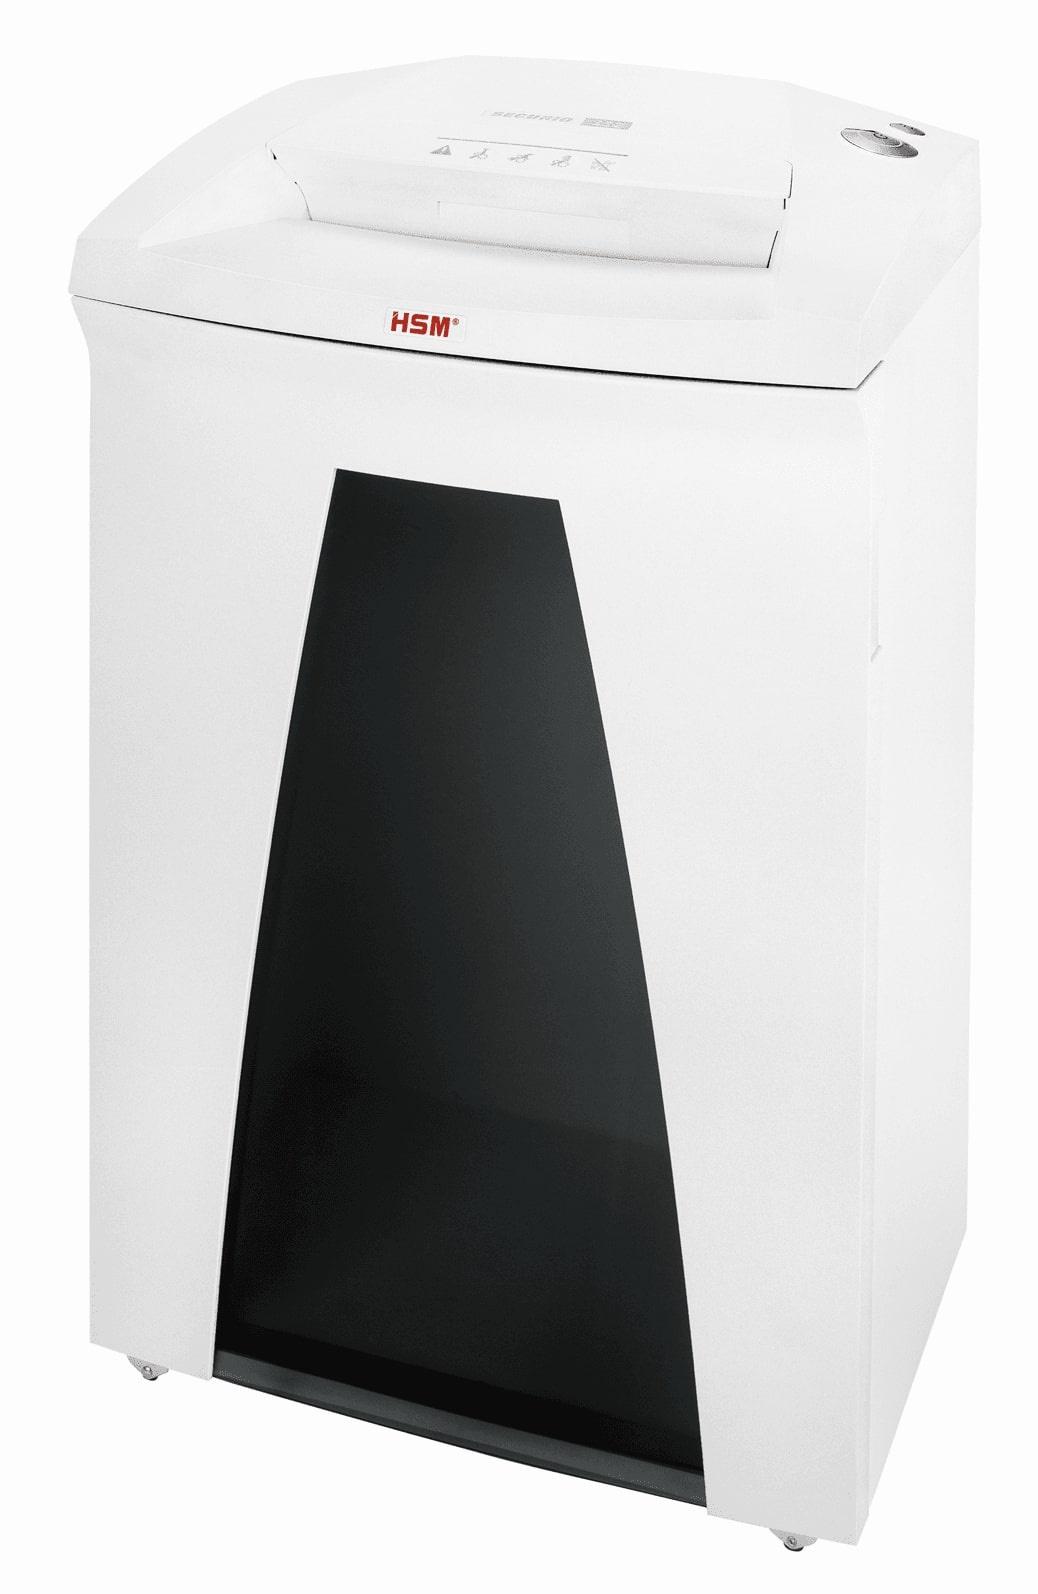 Шредер HSM SECURIO B32-3. 9, 1820111